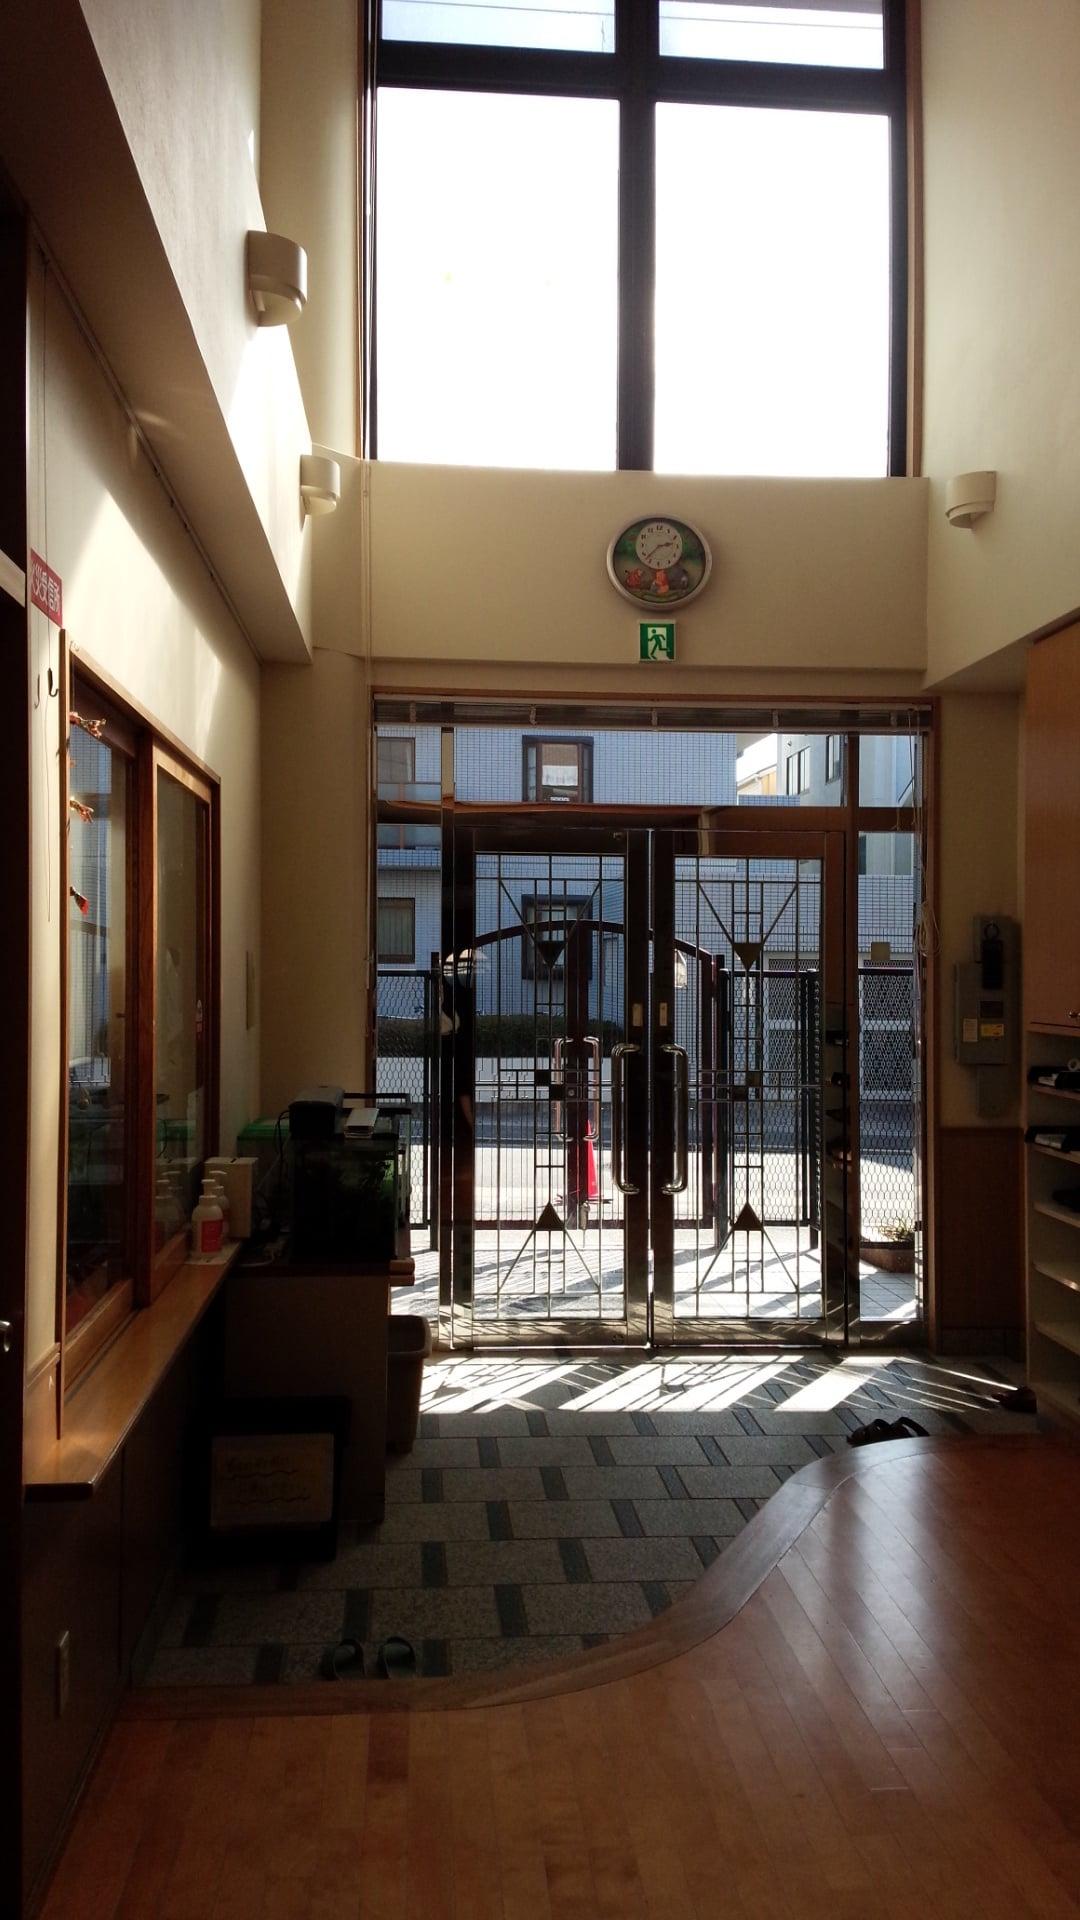 ホームページ 本庄 本庄総合病院